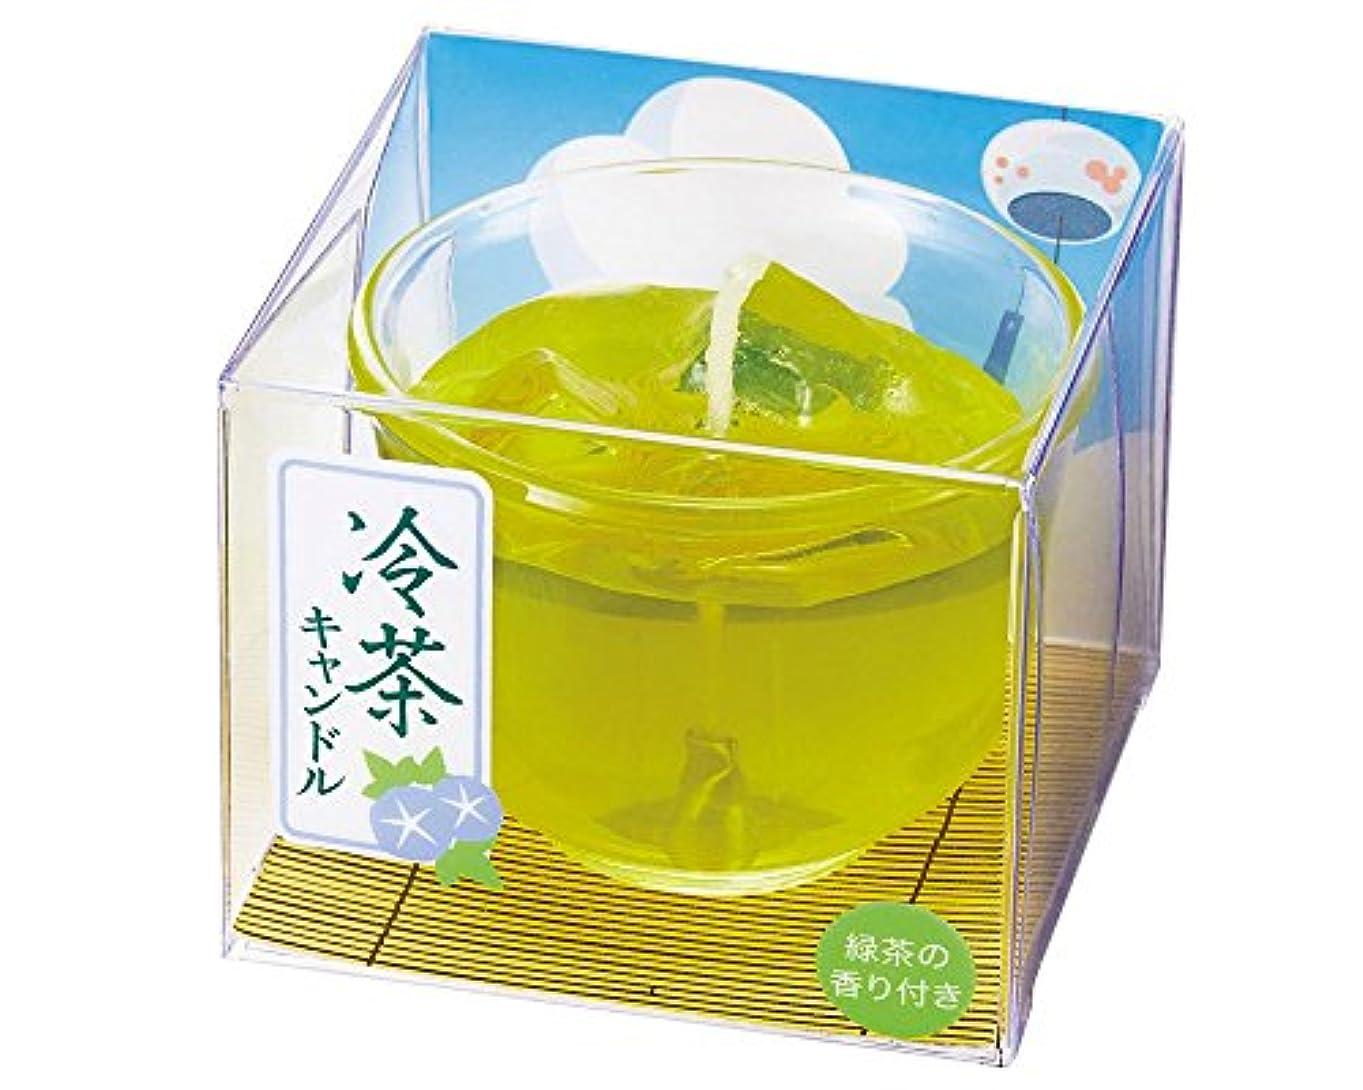 原子廃止胚芽冷茶キャンドル 1個